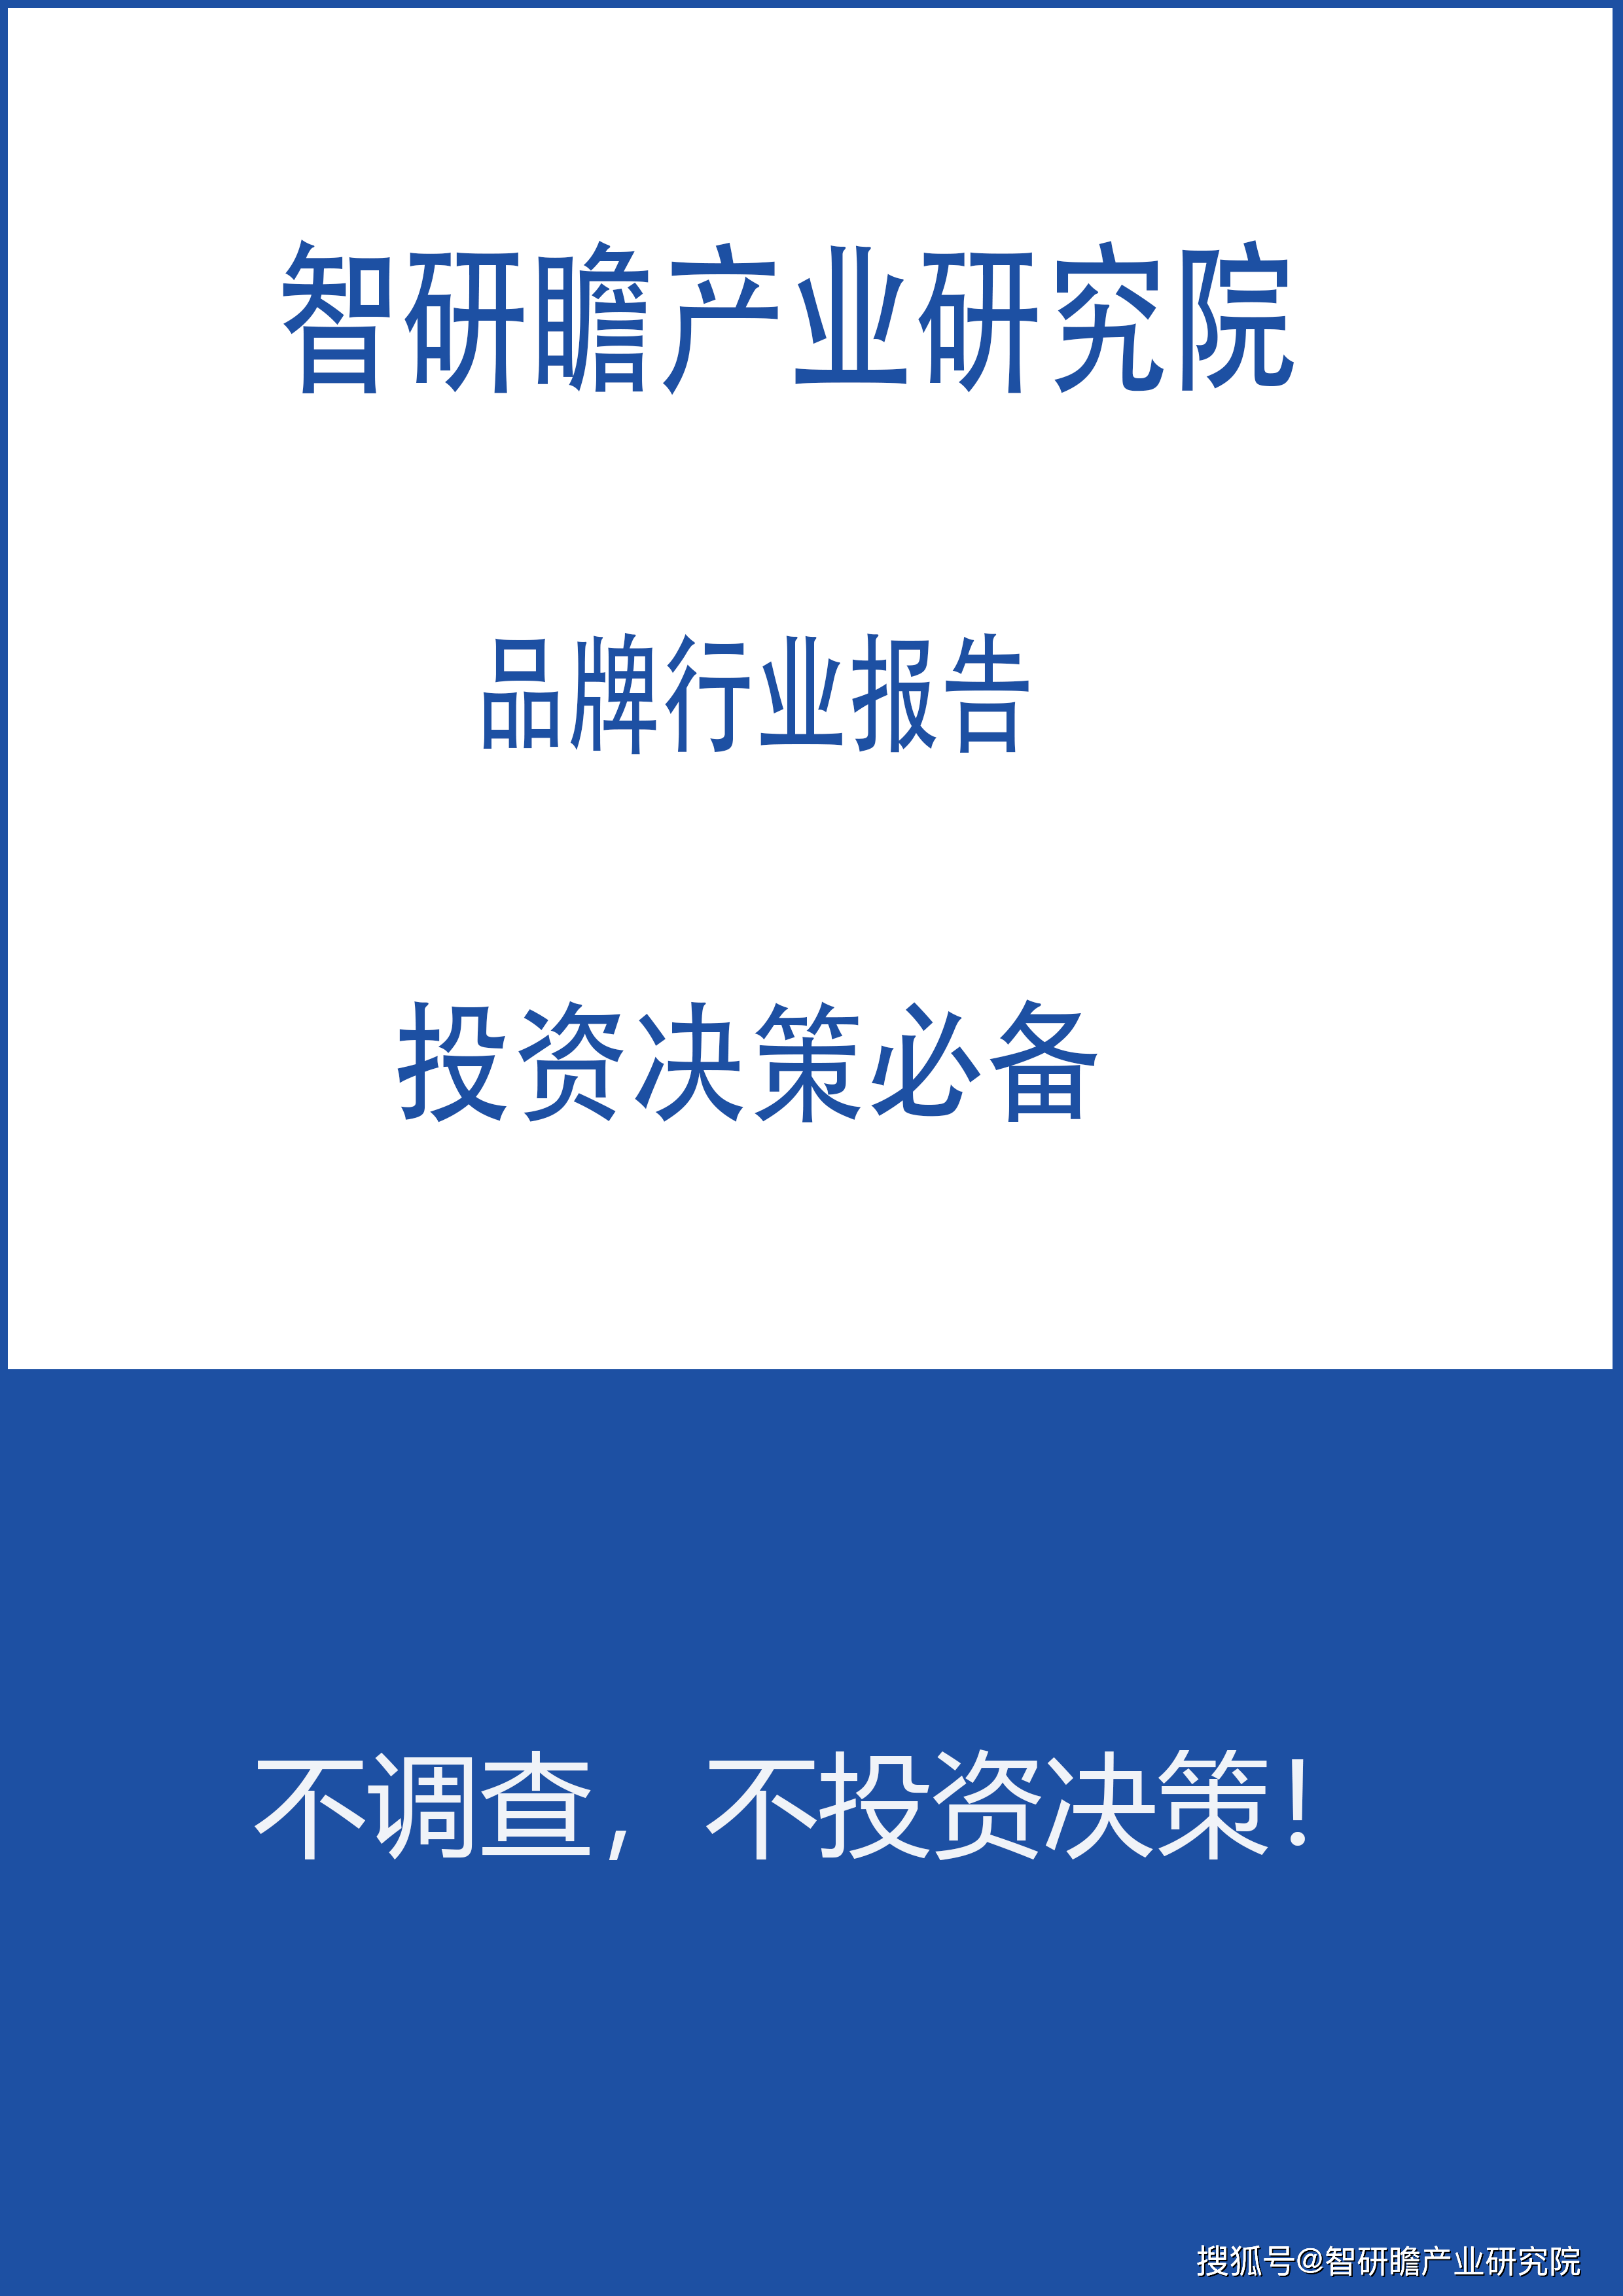 中国动漫产业典型企业商业模式与设计策略分析报告